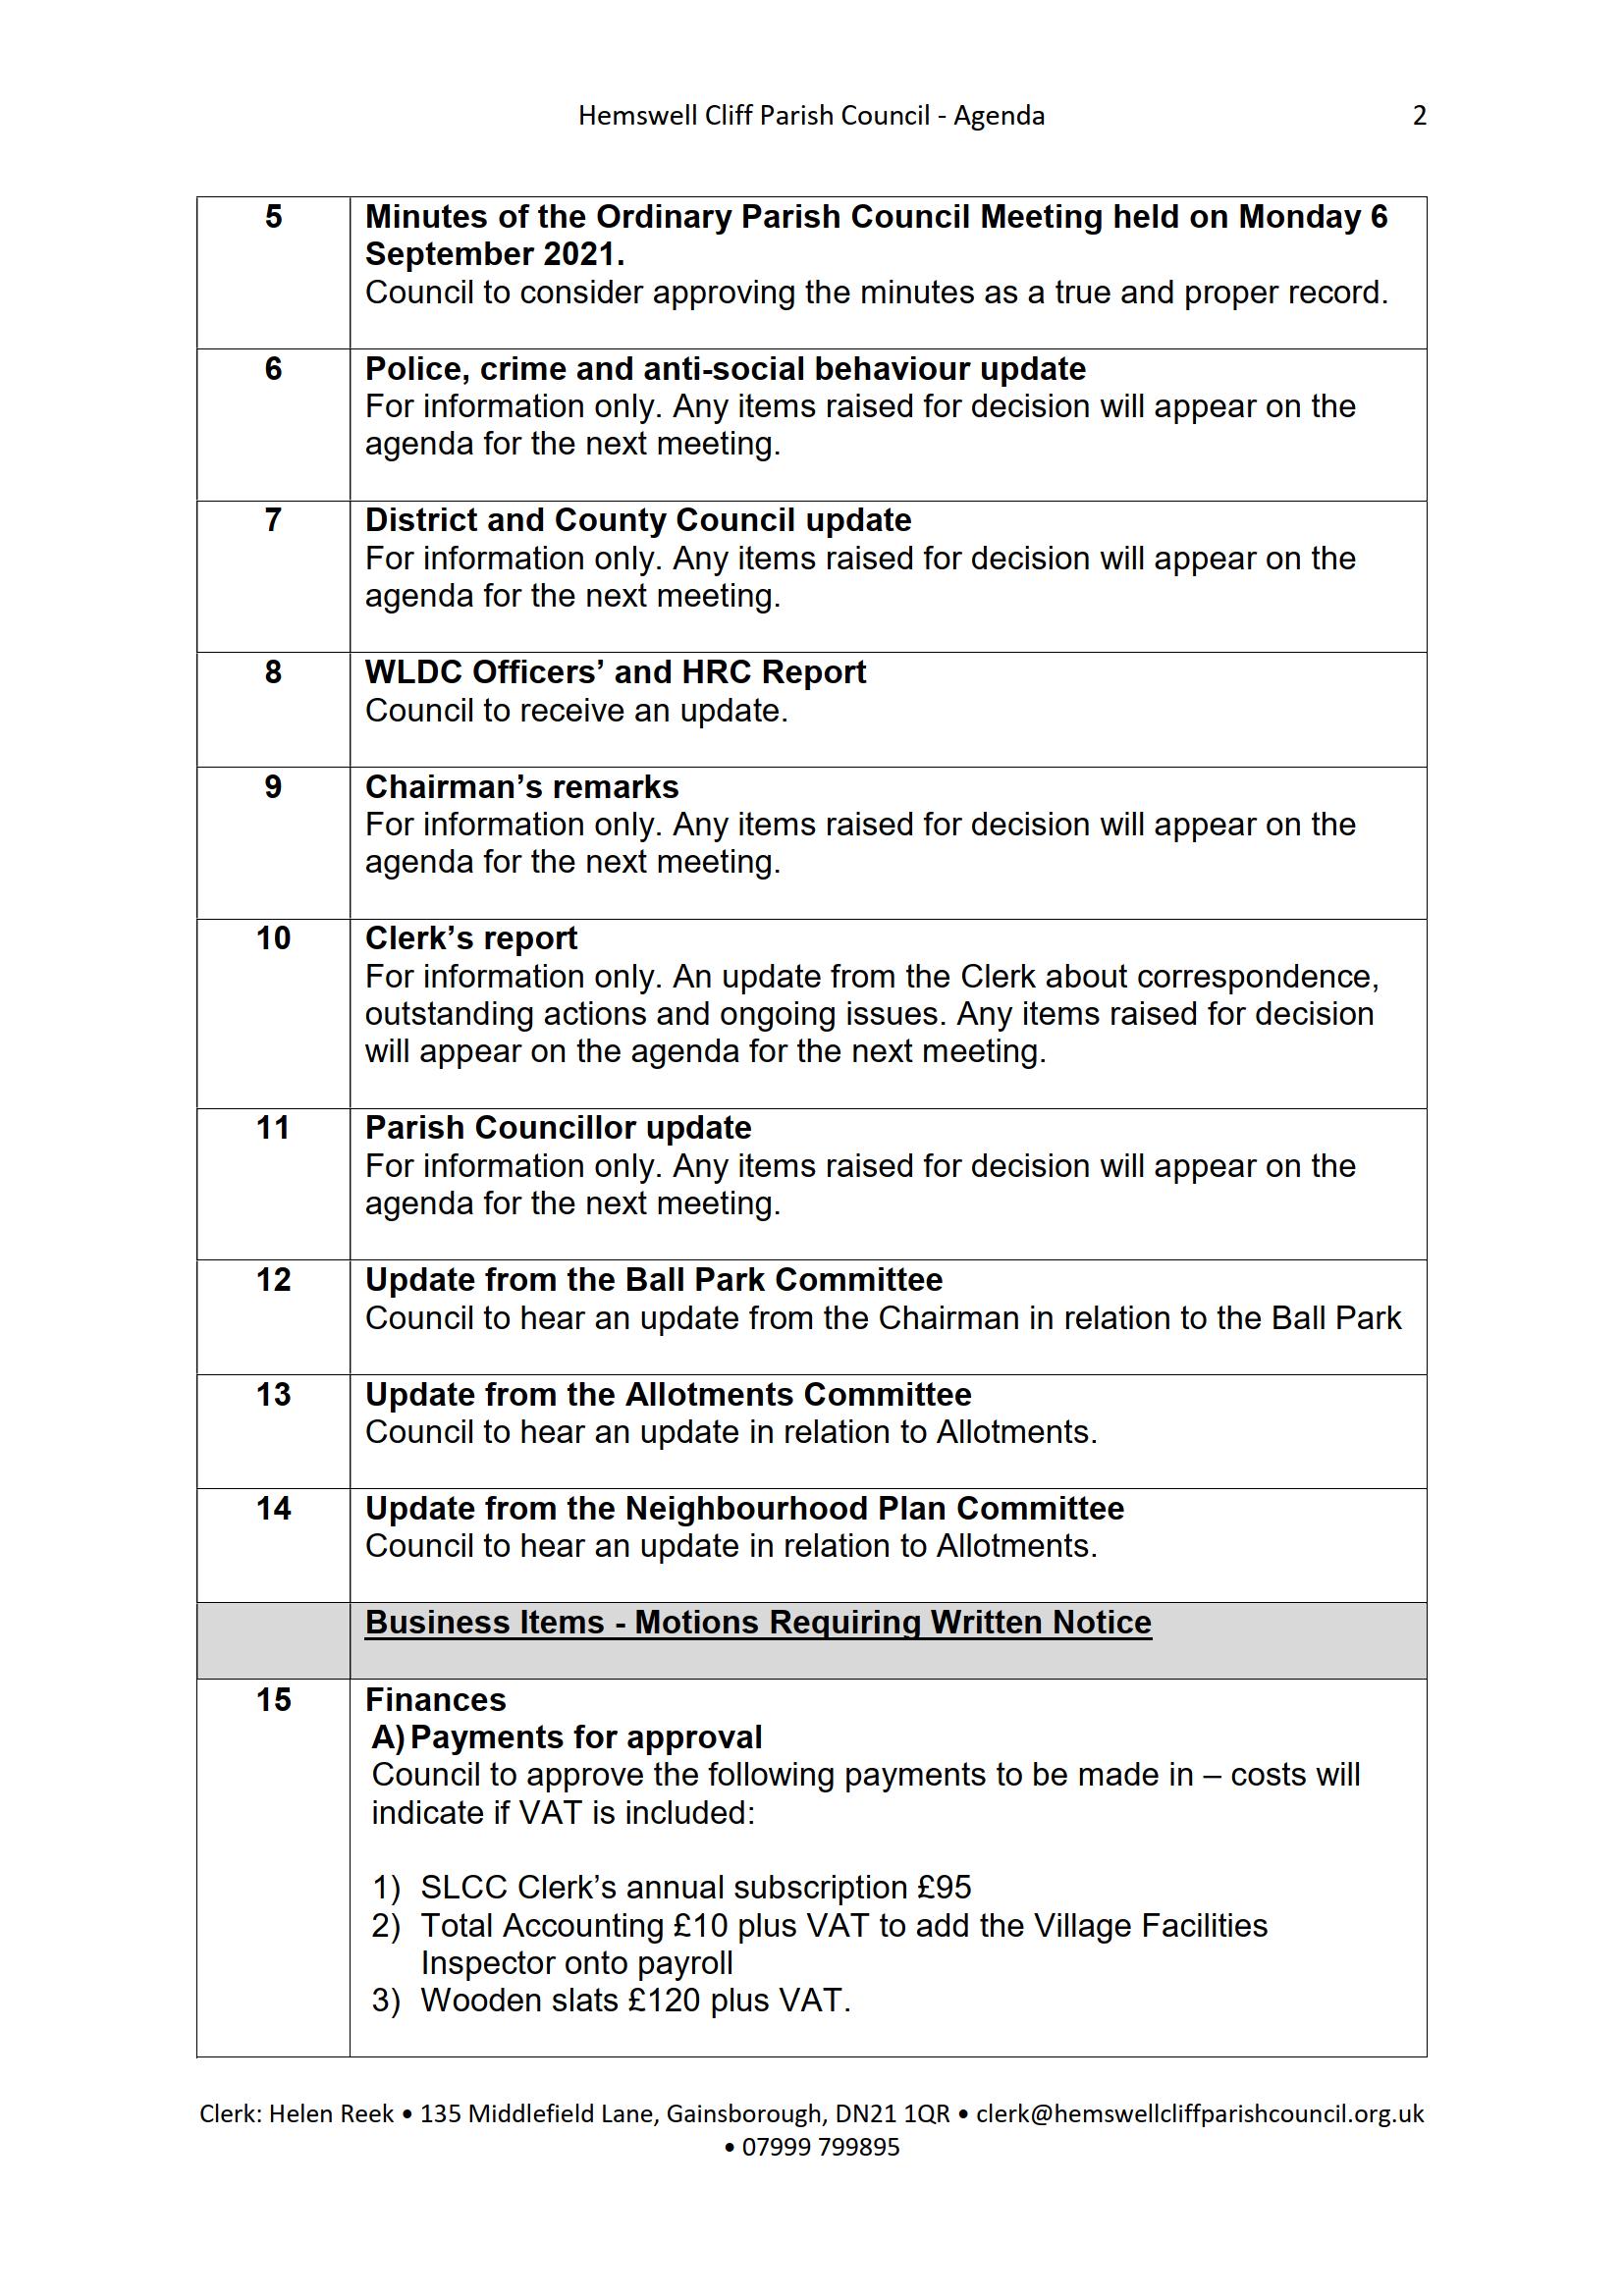 HCPC_Agenda_04.10.21_2.png